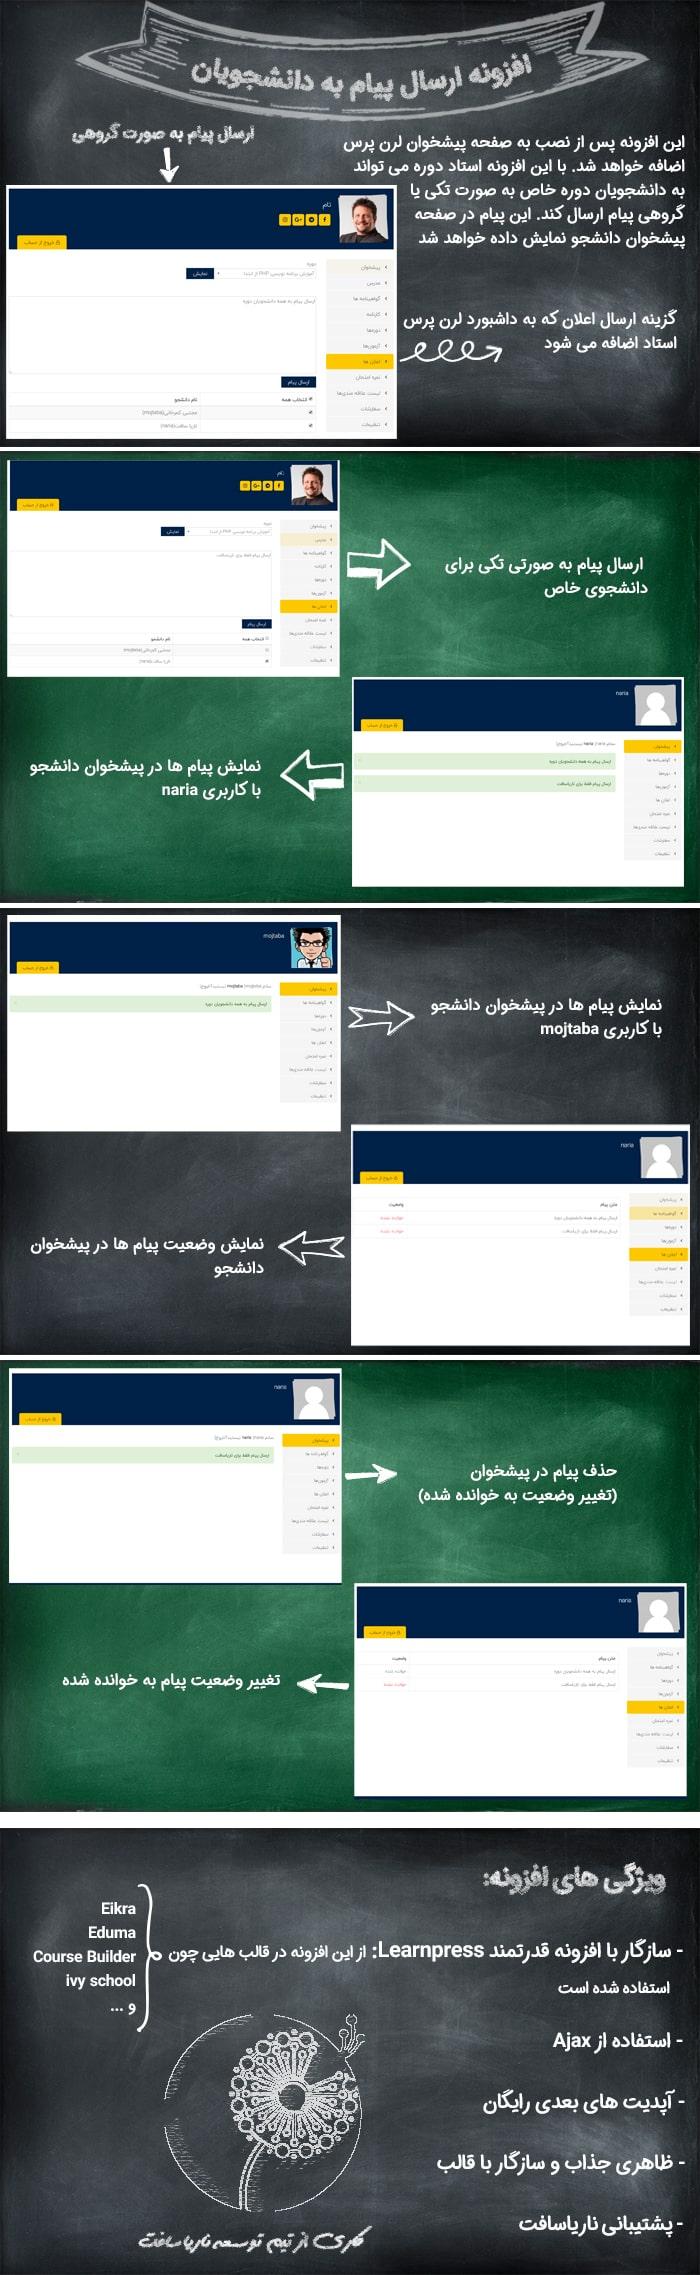 افزودنی افزونه learnpress | افزونه ارسال پیام خصوصی به دانشجویان